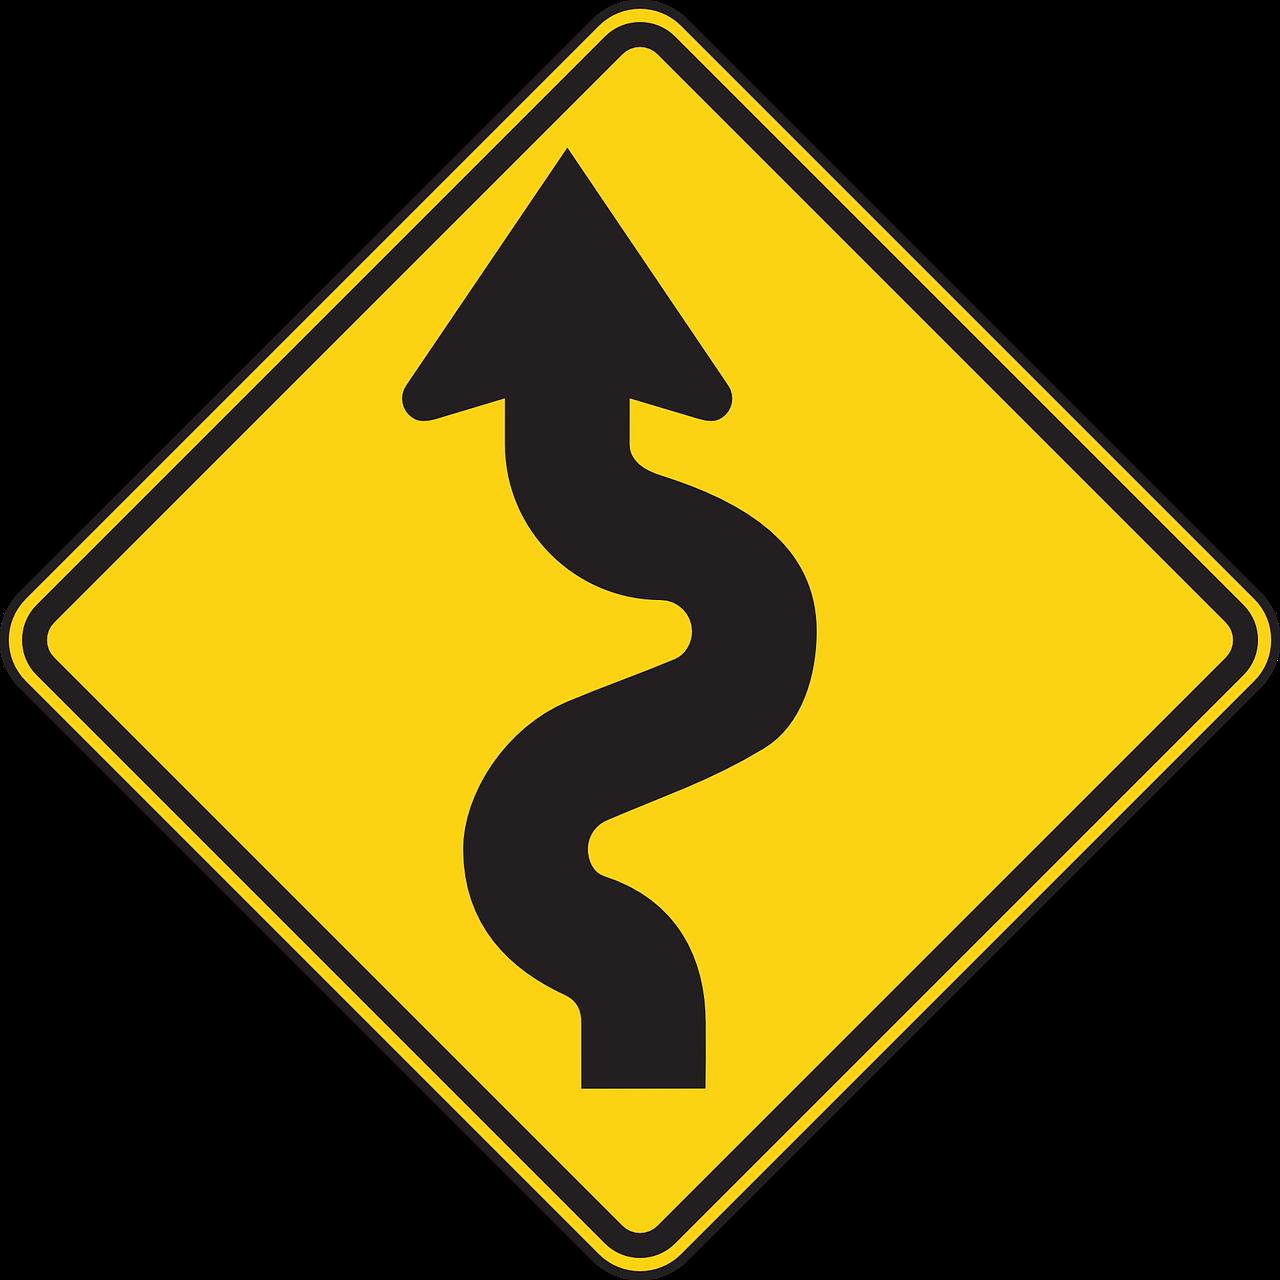 дорожные знаки извилистая дорога картинки вращении